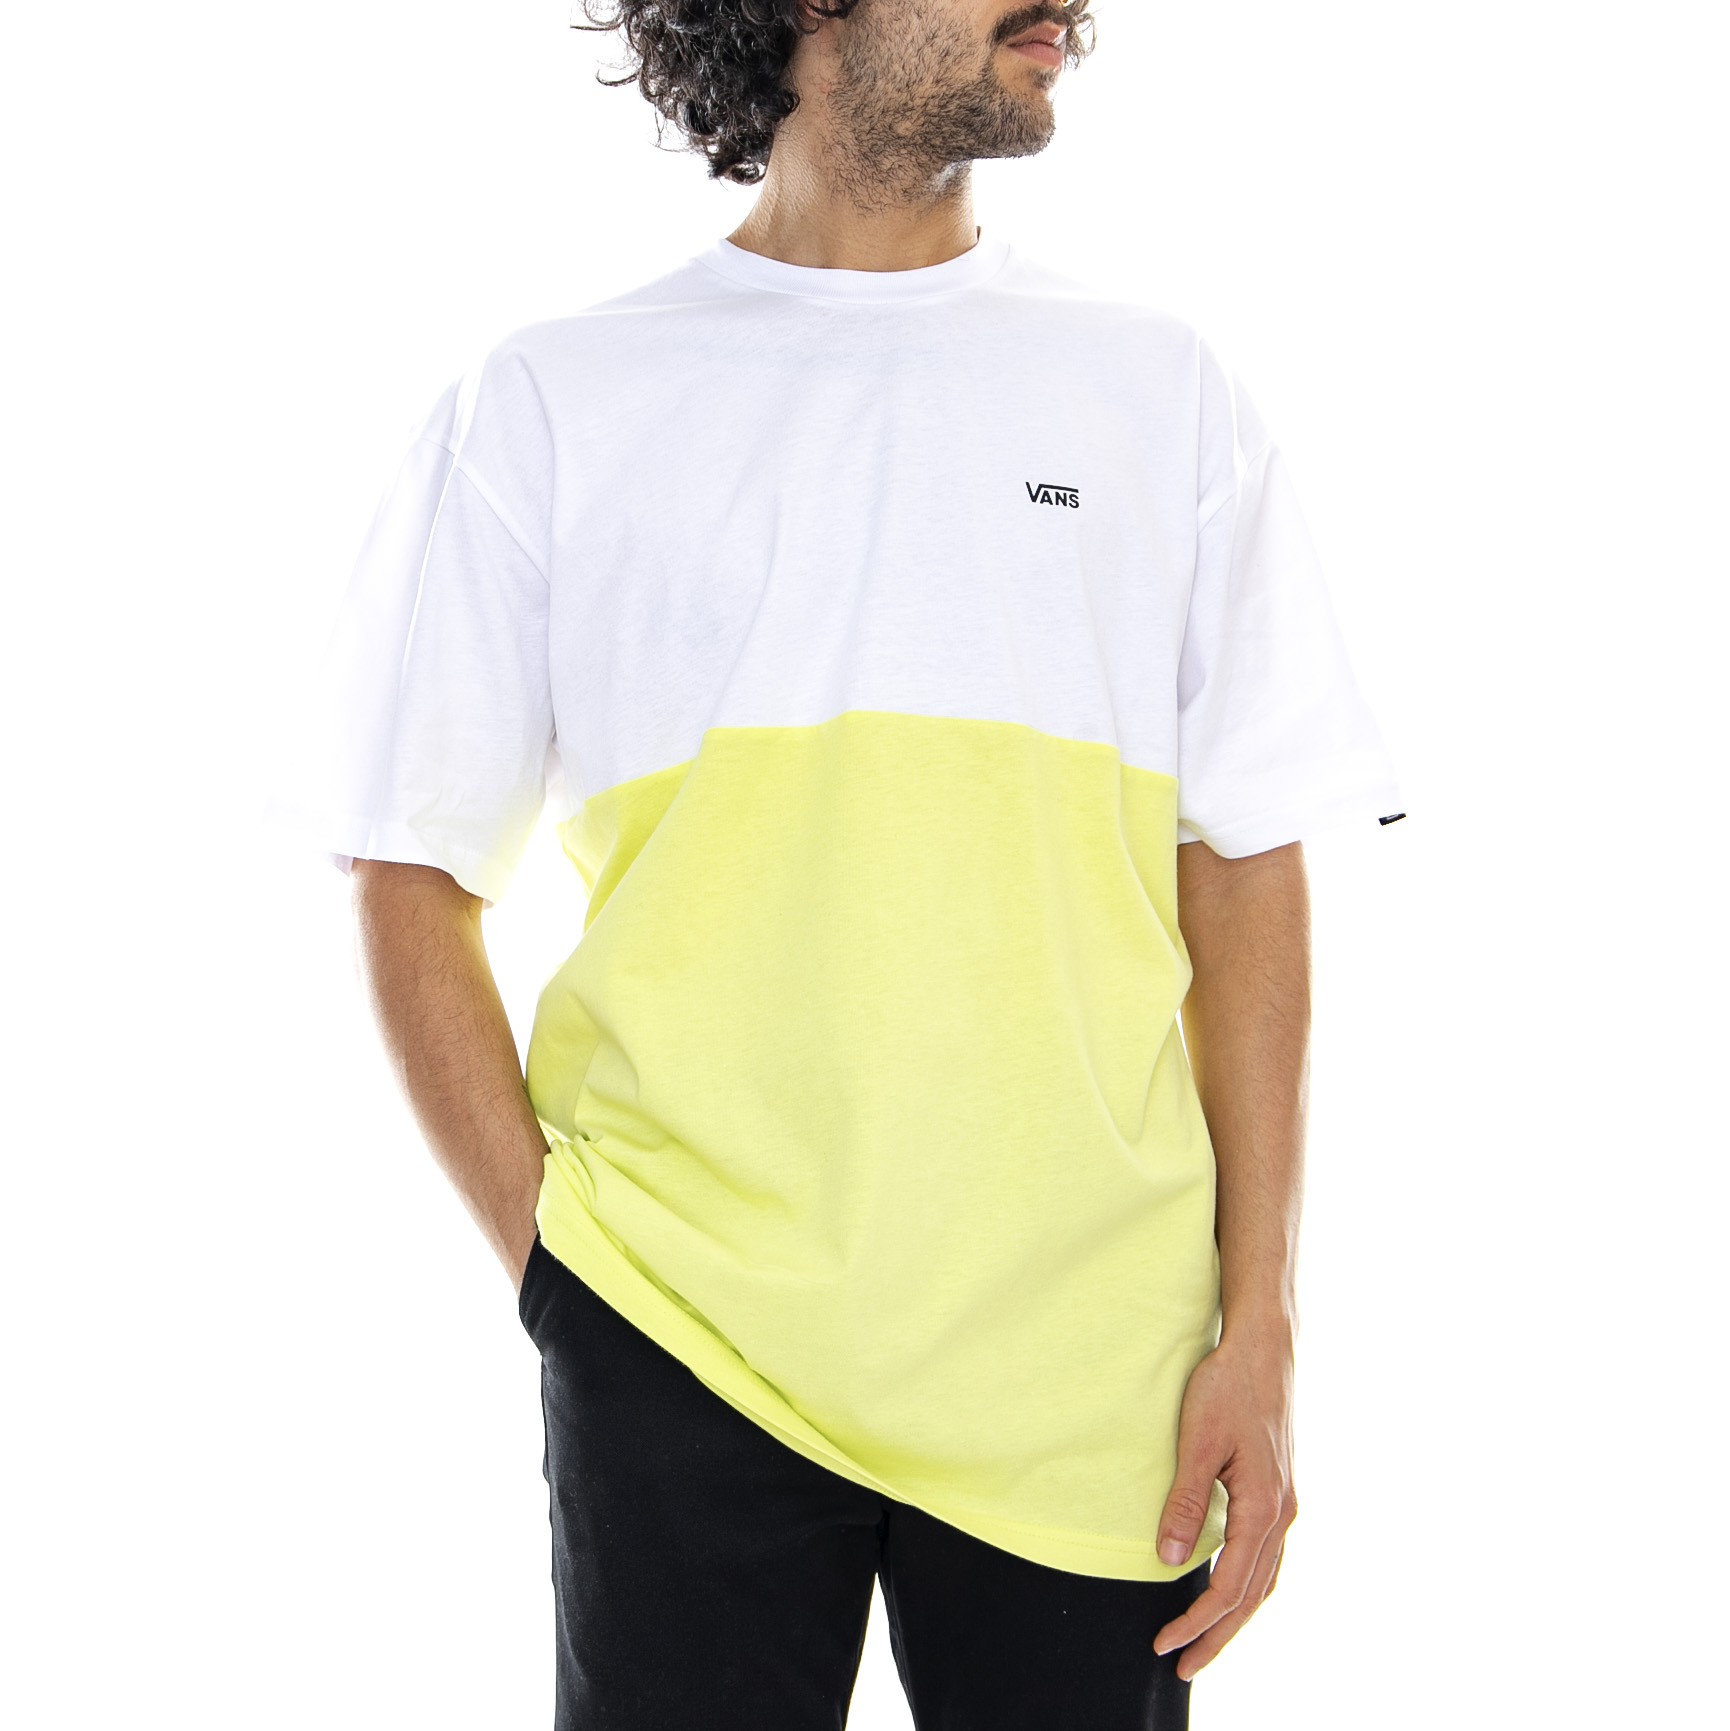 f4cdec1e96 Vans Mn Colorblock Tee White Sunny Lime - Magliett Girocollo Uomo Bianco